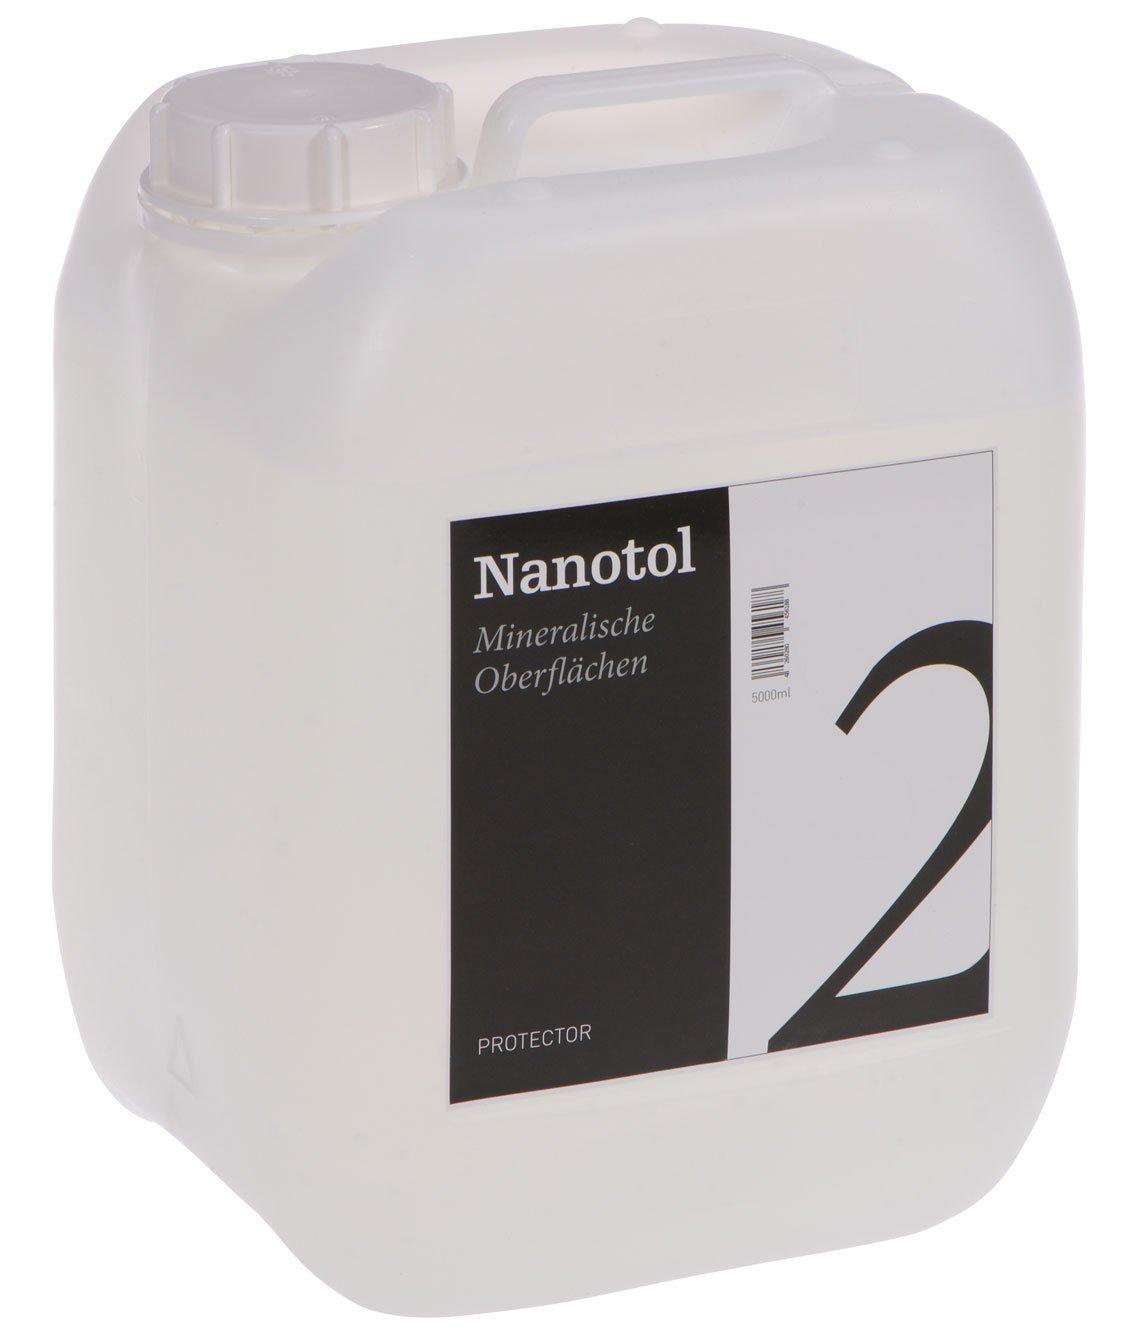 Nanotol Protector, prodotto per la protezione di pietre poste all'esterno e all'interno, per superfici minerali con effetto loto, sigillatura con nanoparticelle per pietre naturali, piastrelle, granito, cemento, pavimentazione in pietra o mattoni [etichett